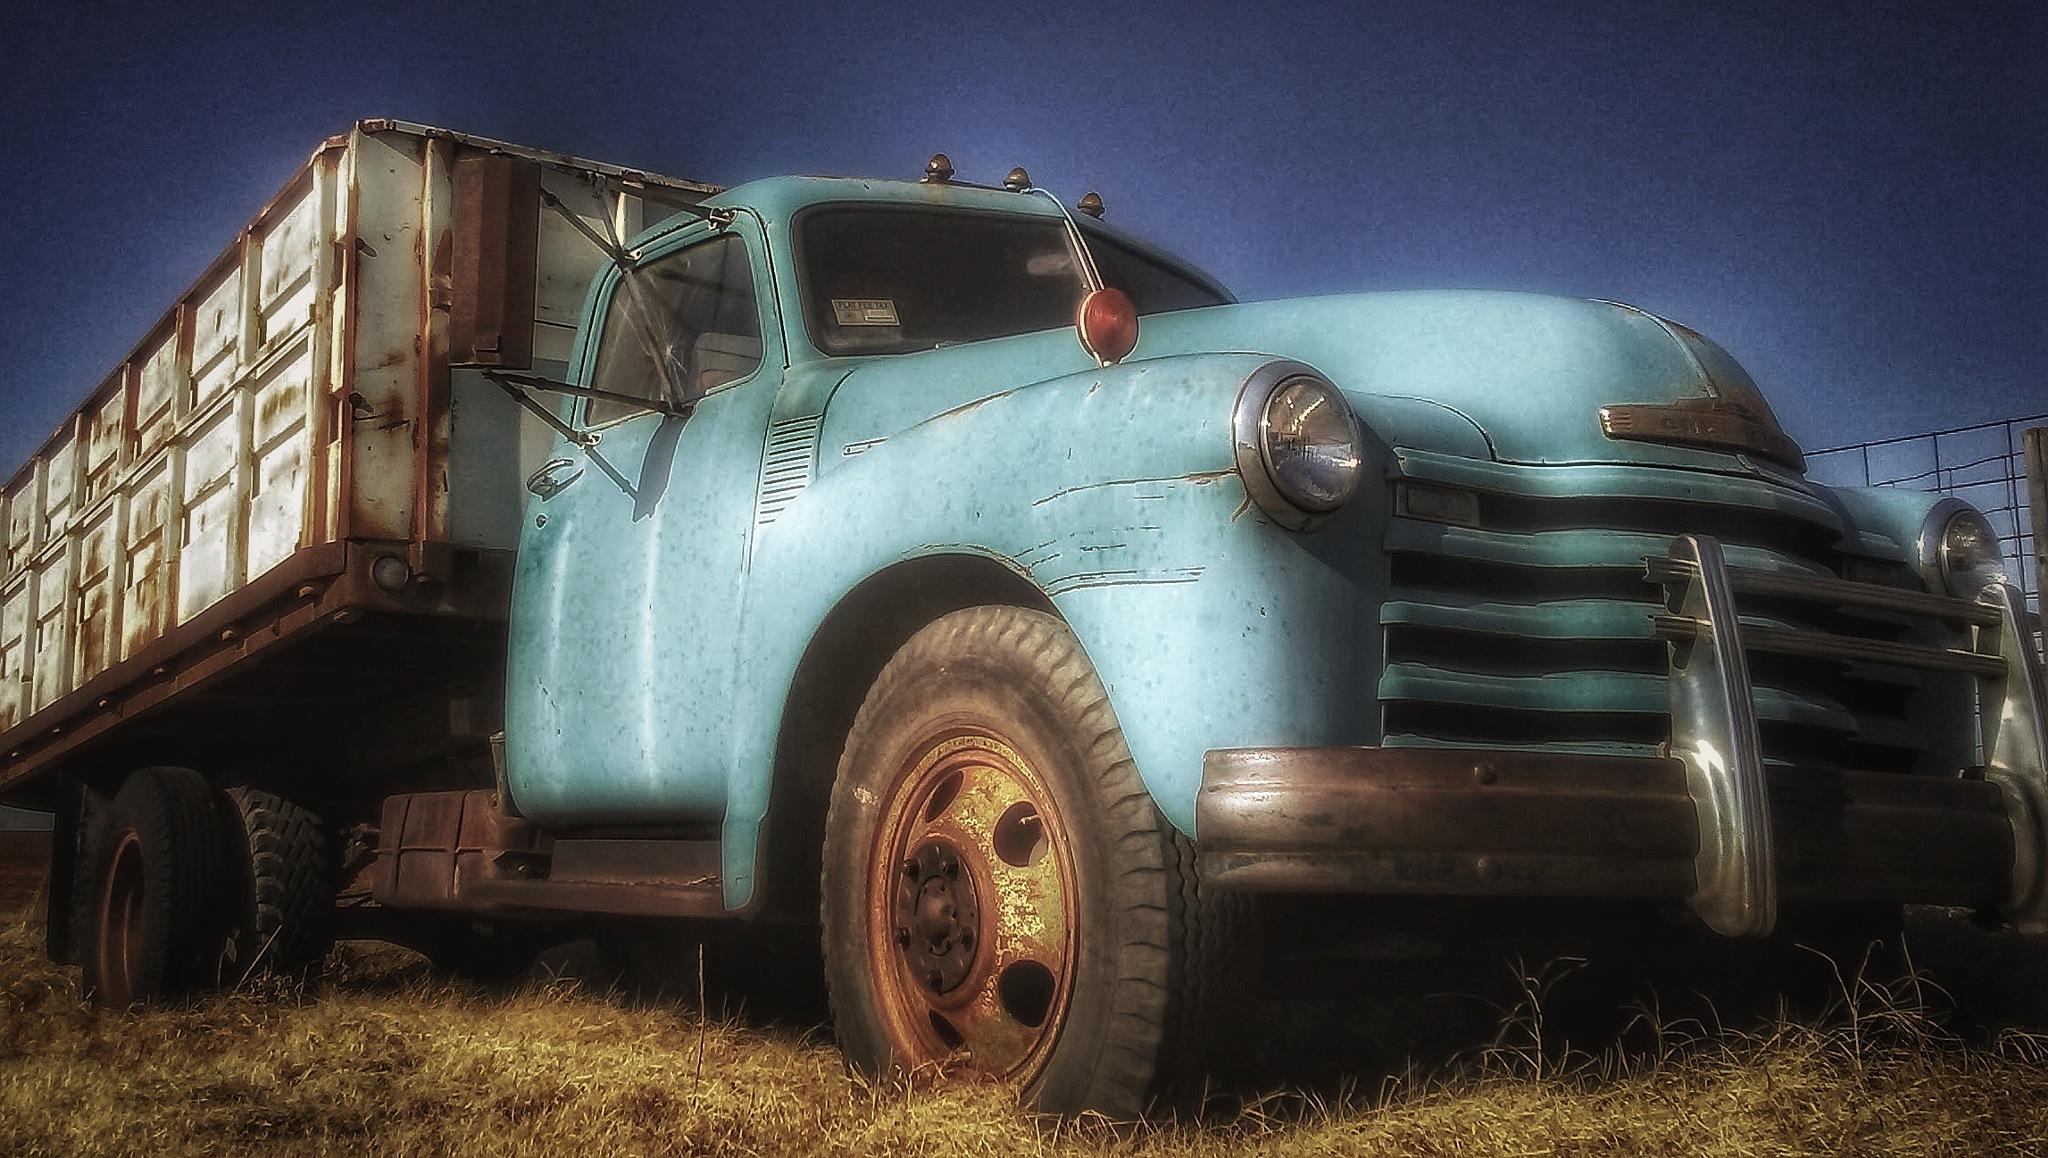 Old Grain Truck by Joshua Kliewer